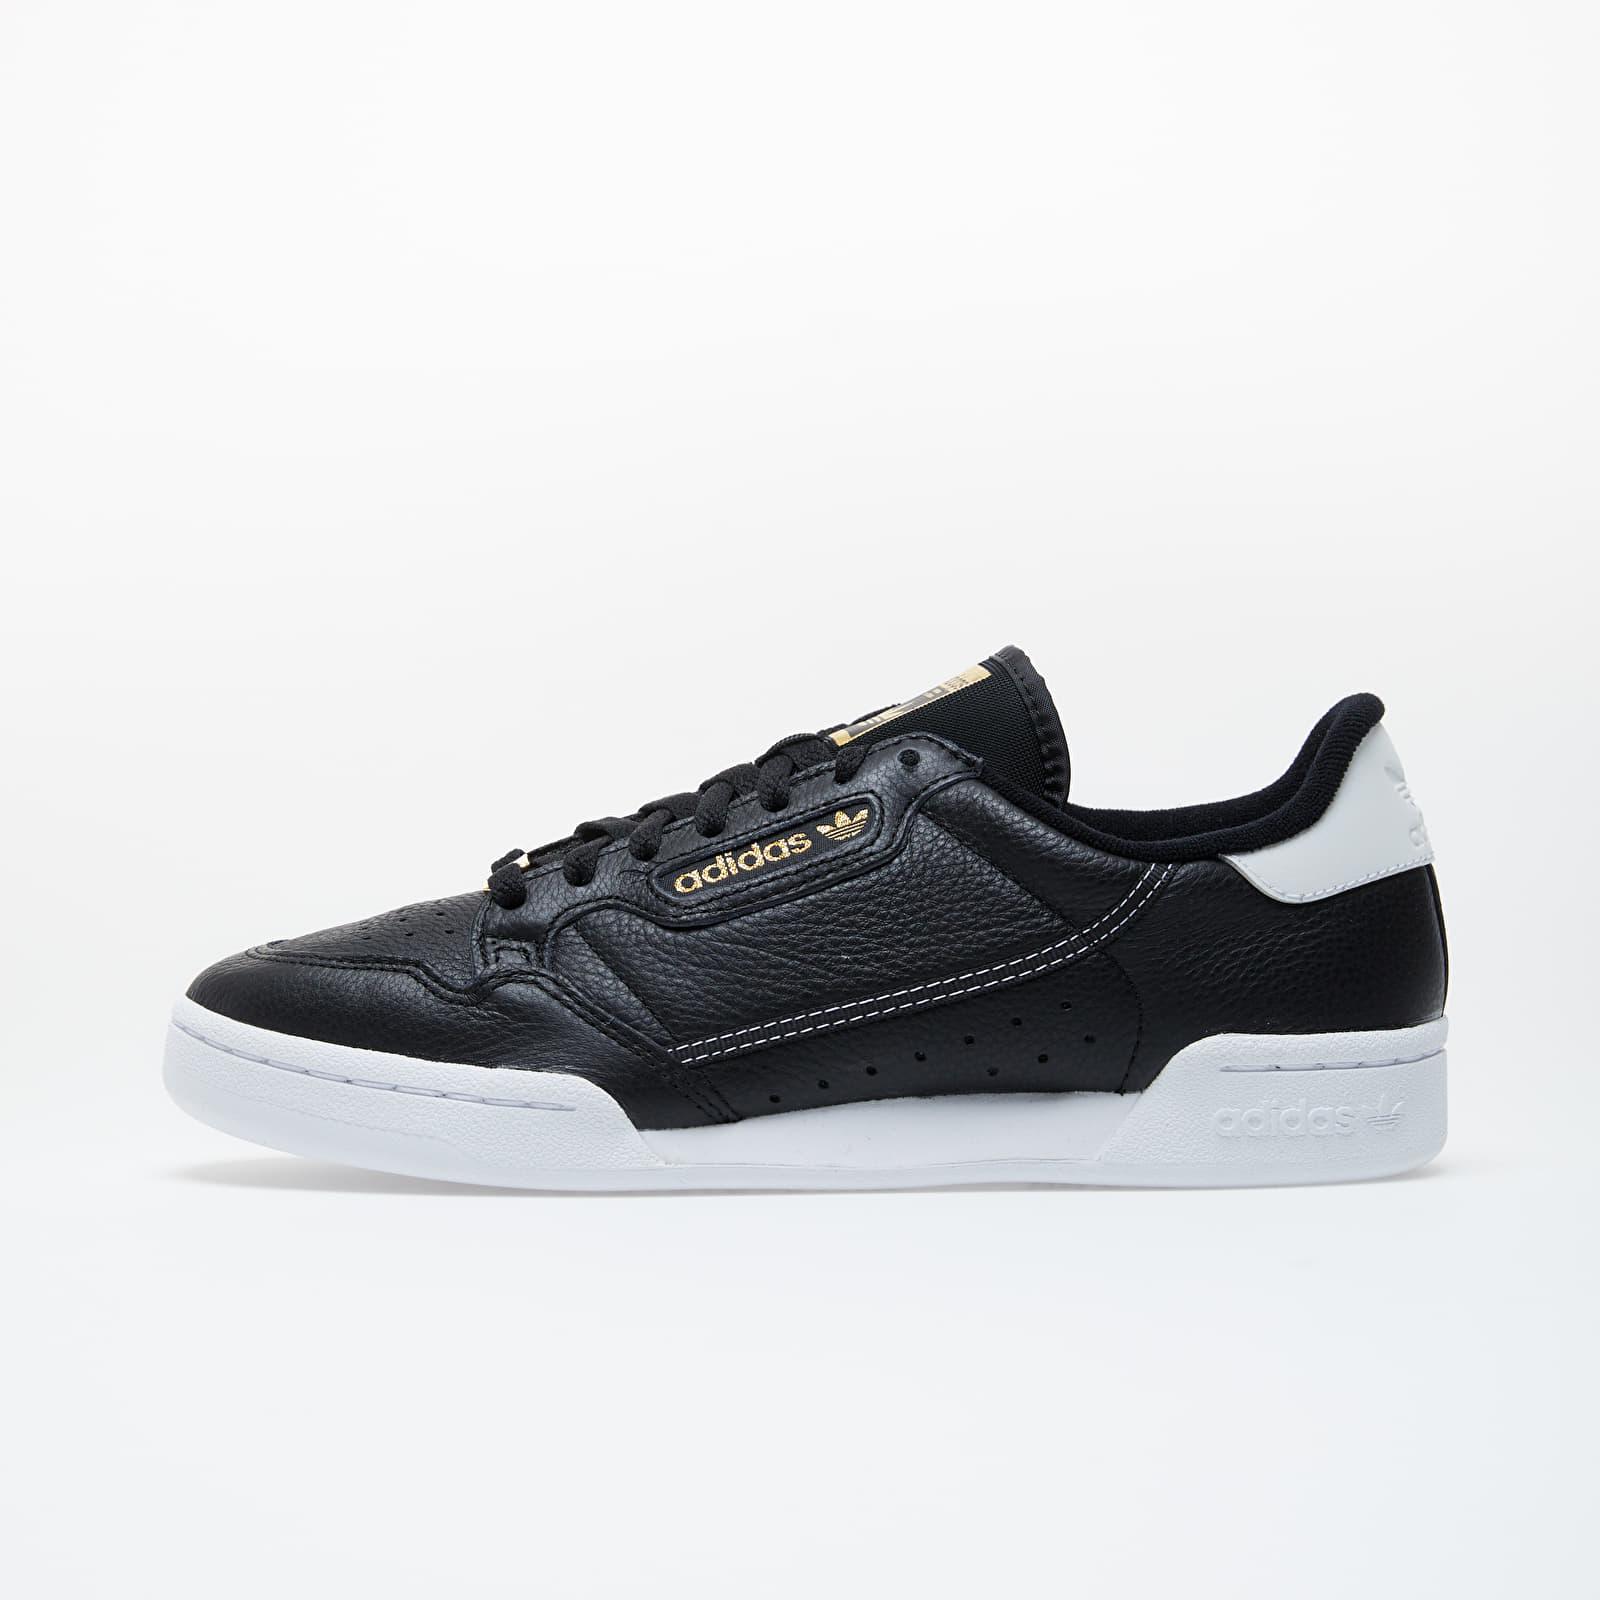 Muške tenisice adidas Continental 80 Core Black/ Core Black/ Ftw White